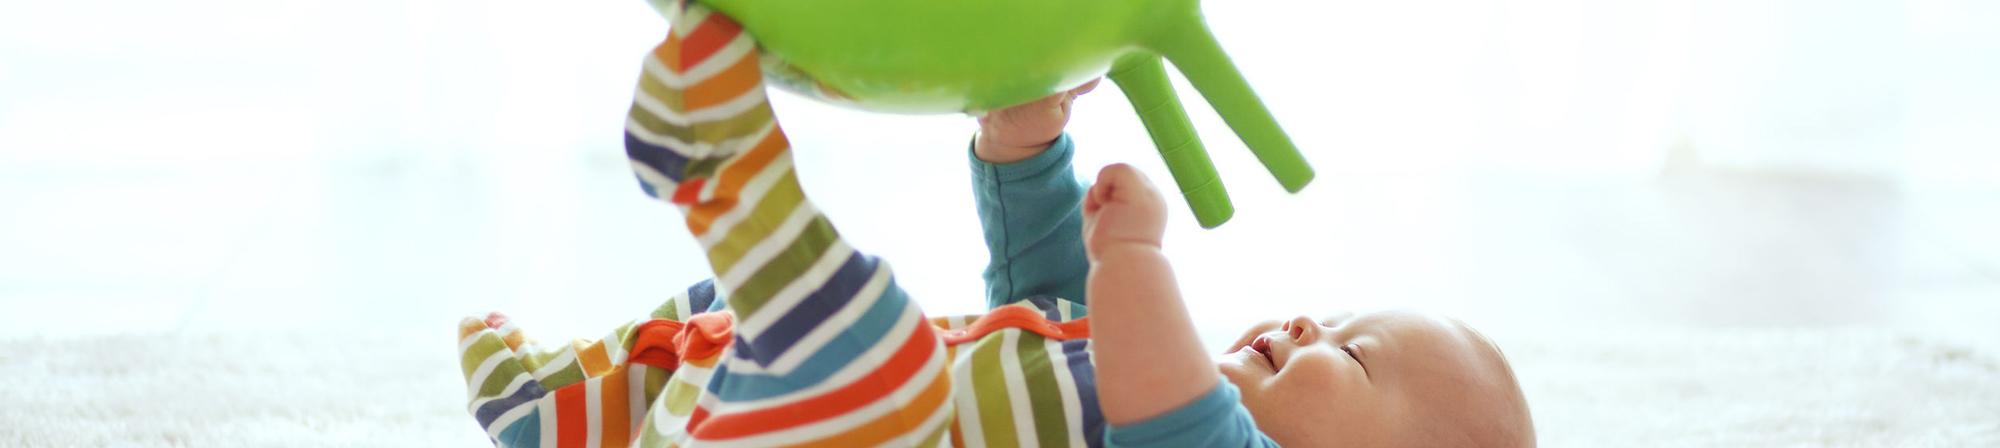 ברזל לתינוקות